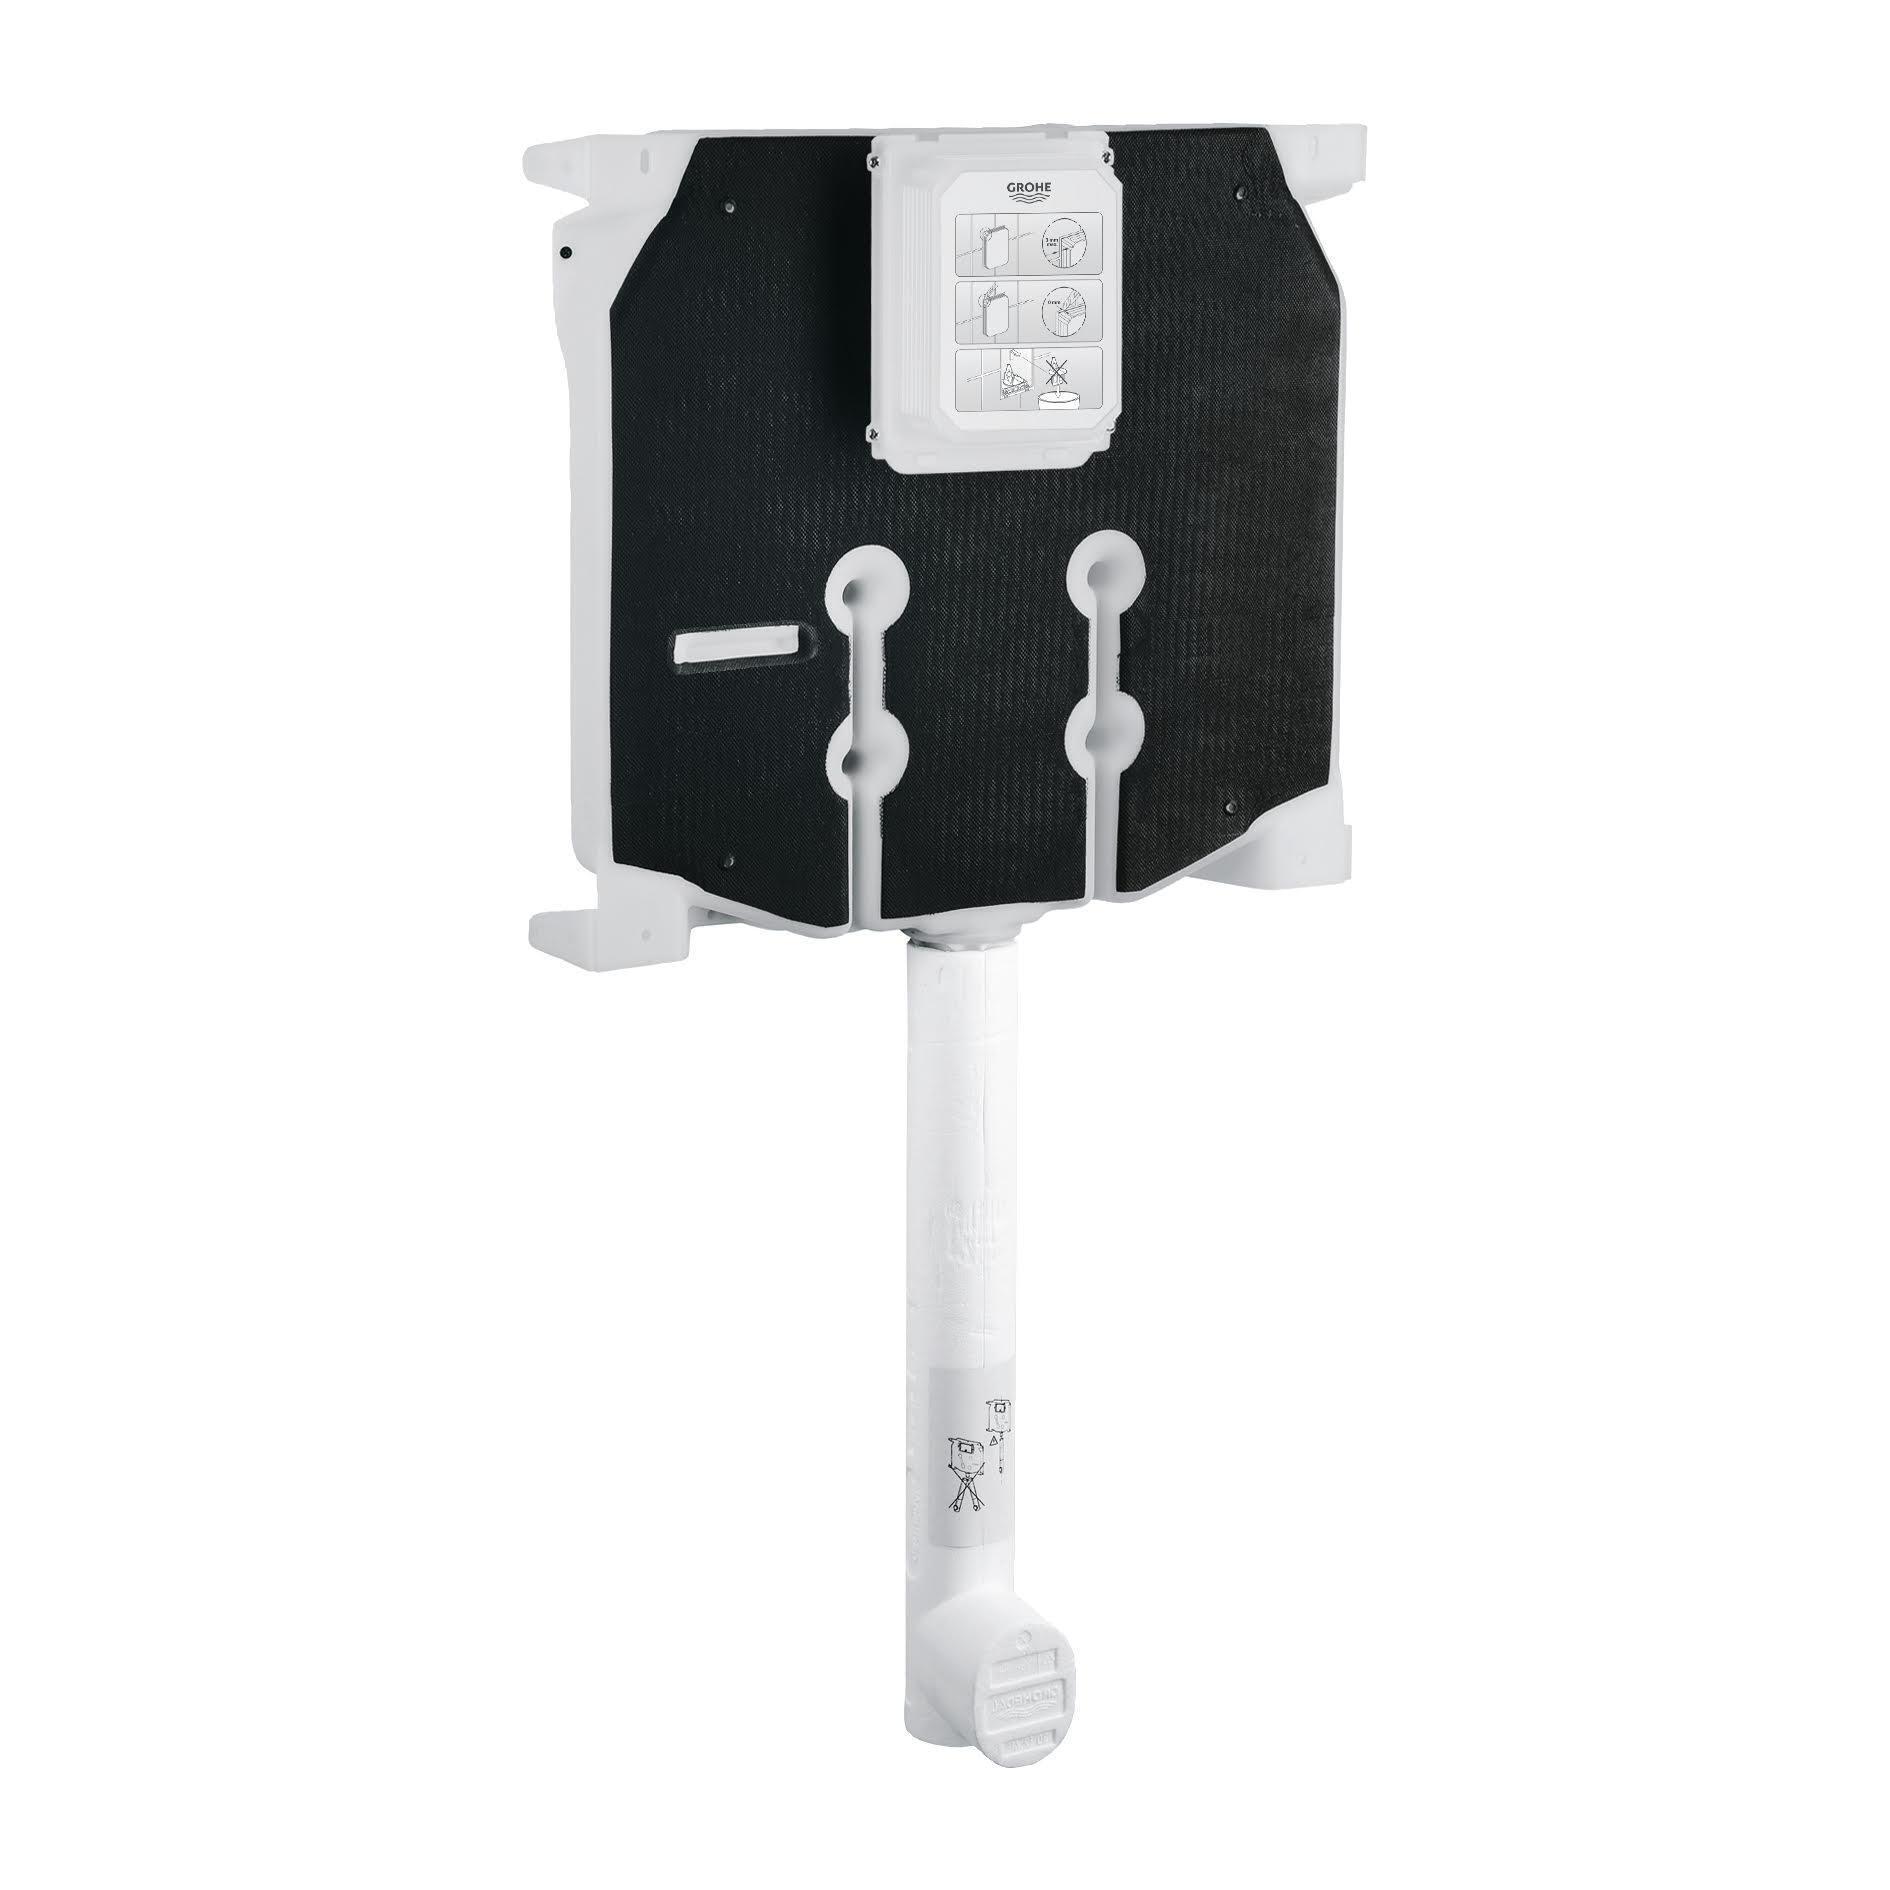 Cassetta wc a incasso GROHE pulsante doppio comando 9 L - 2